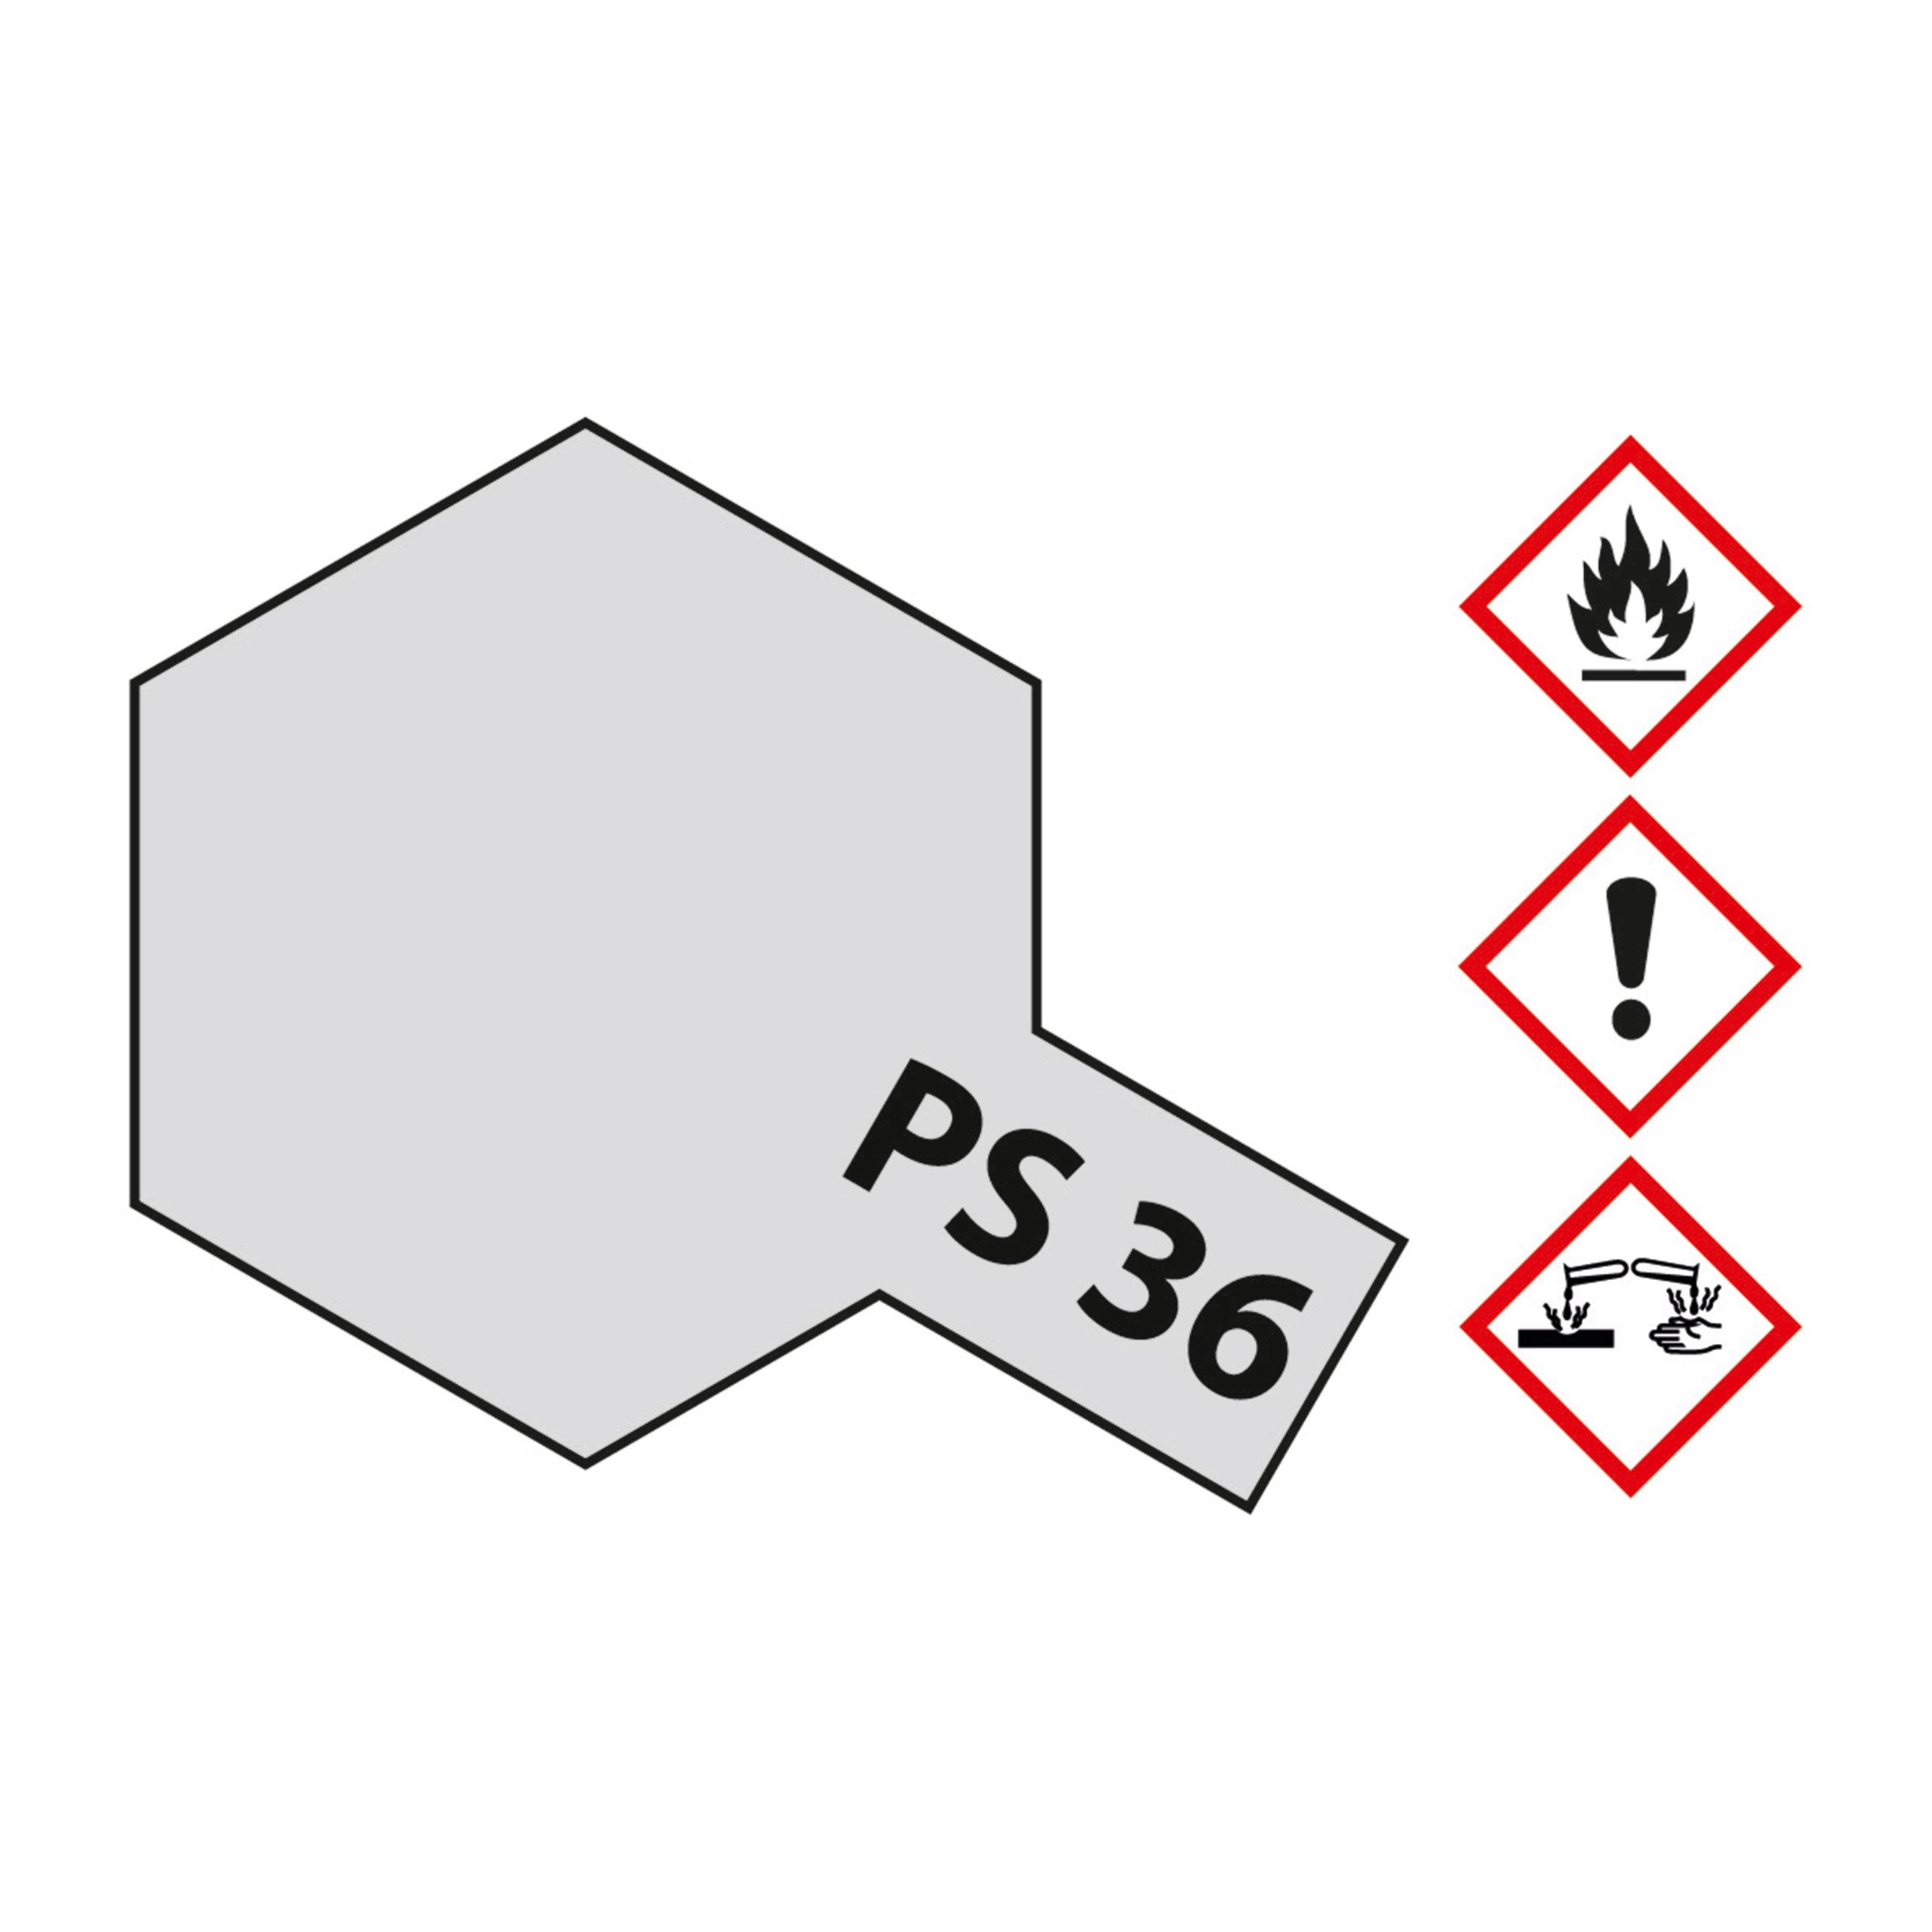 PS-36 Translucent Silber Polyc. - 100ml Sprayfarbe Lexan - Tamiya 300086036